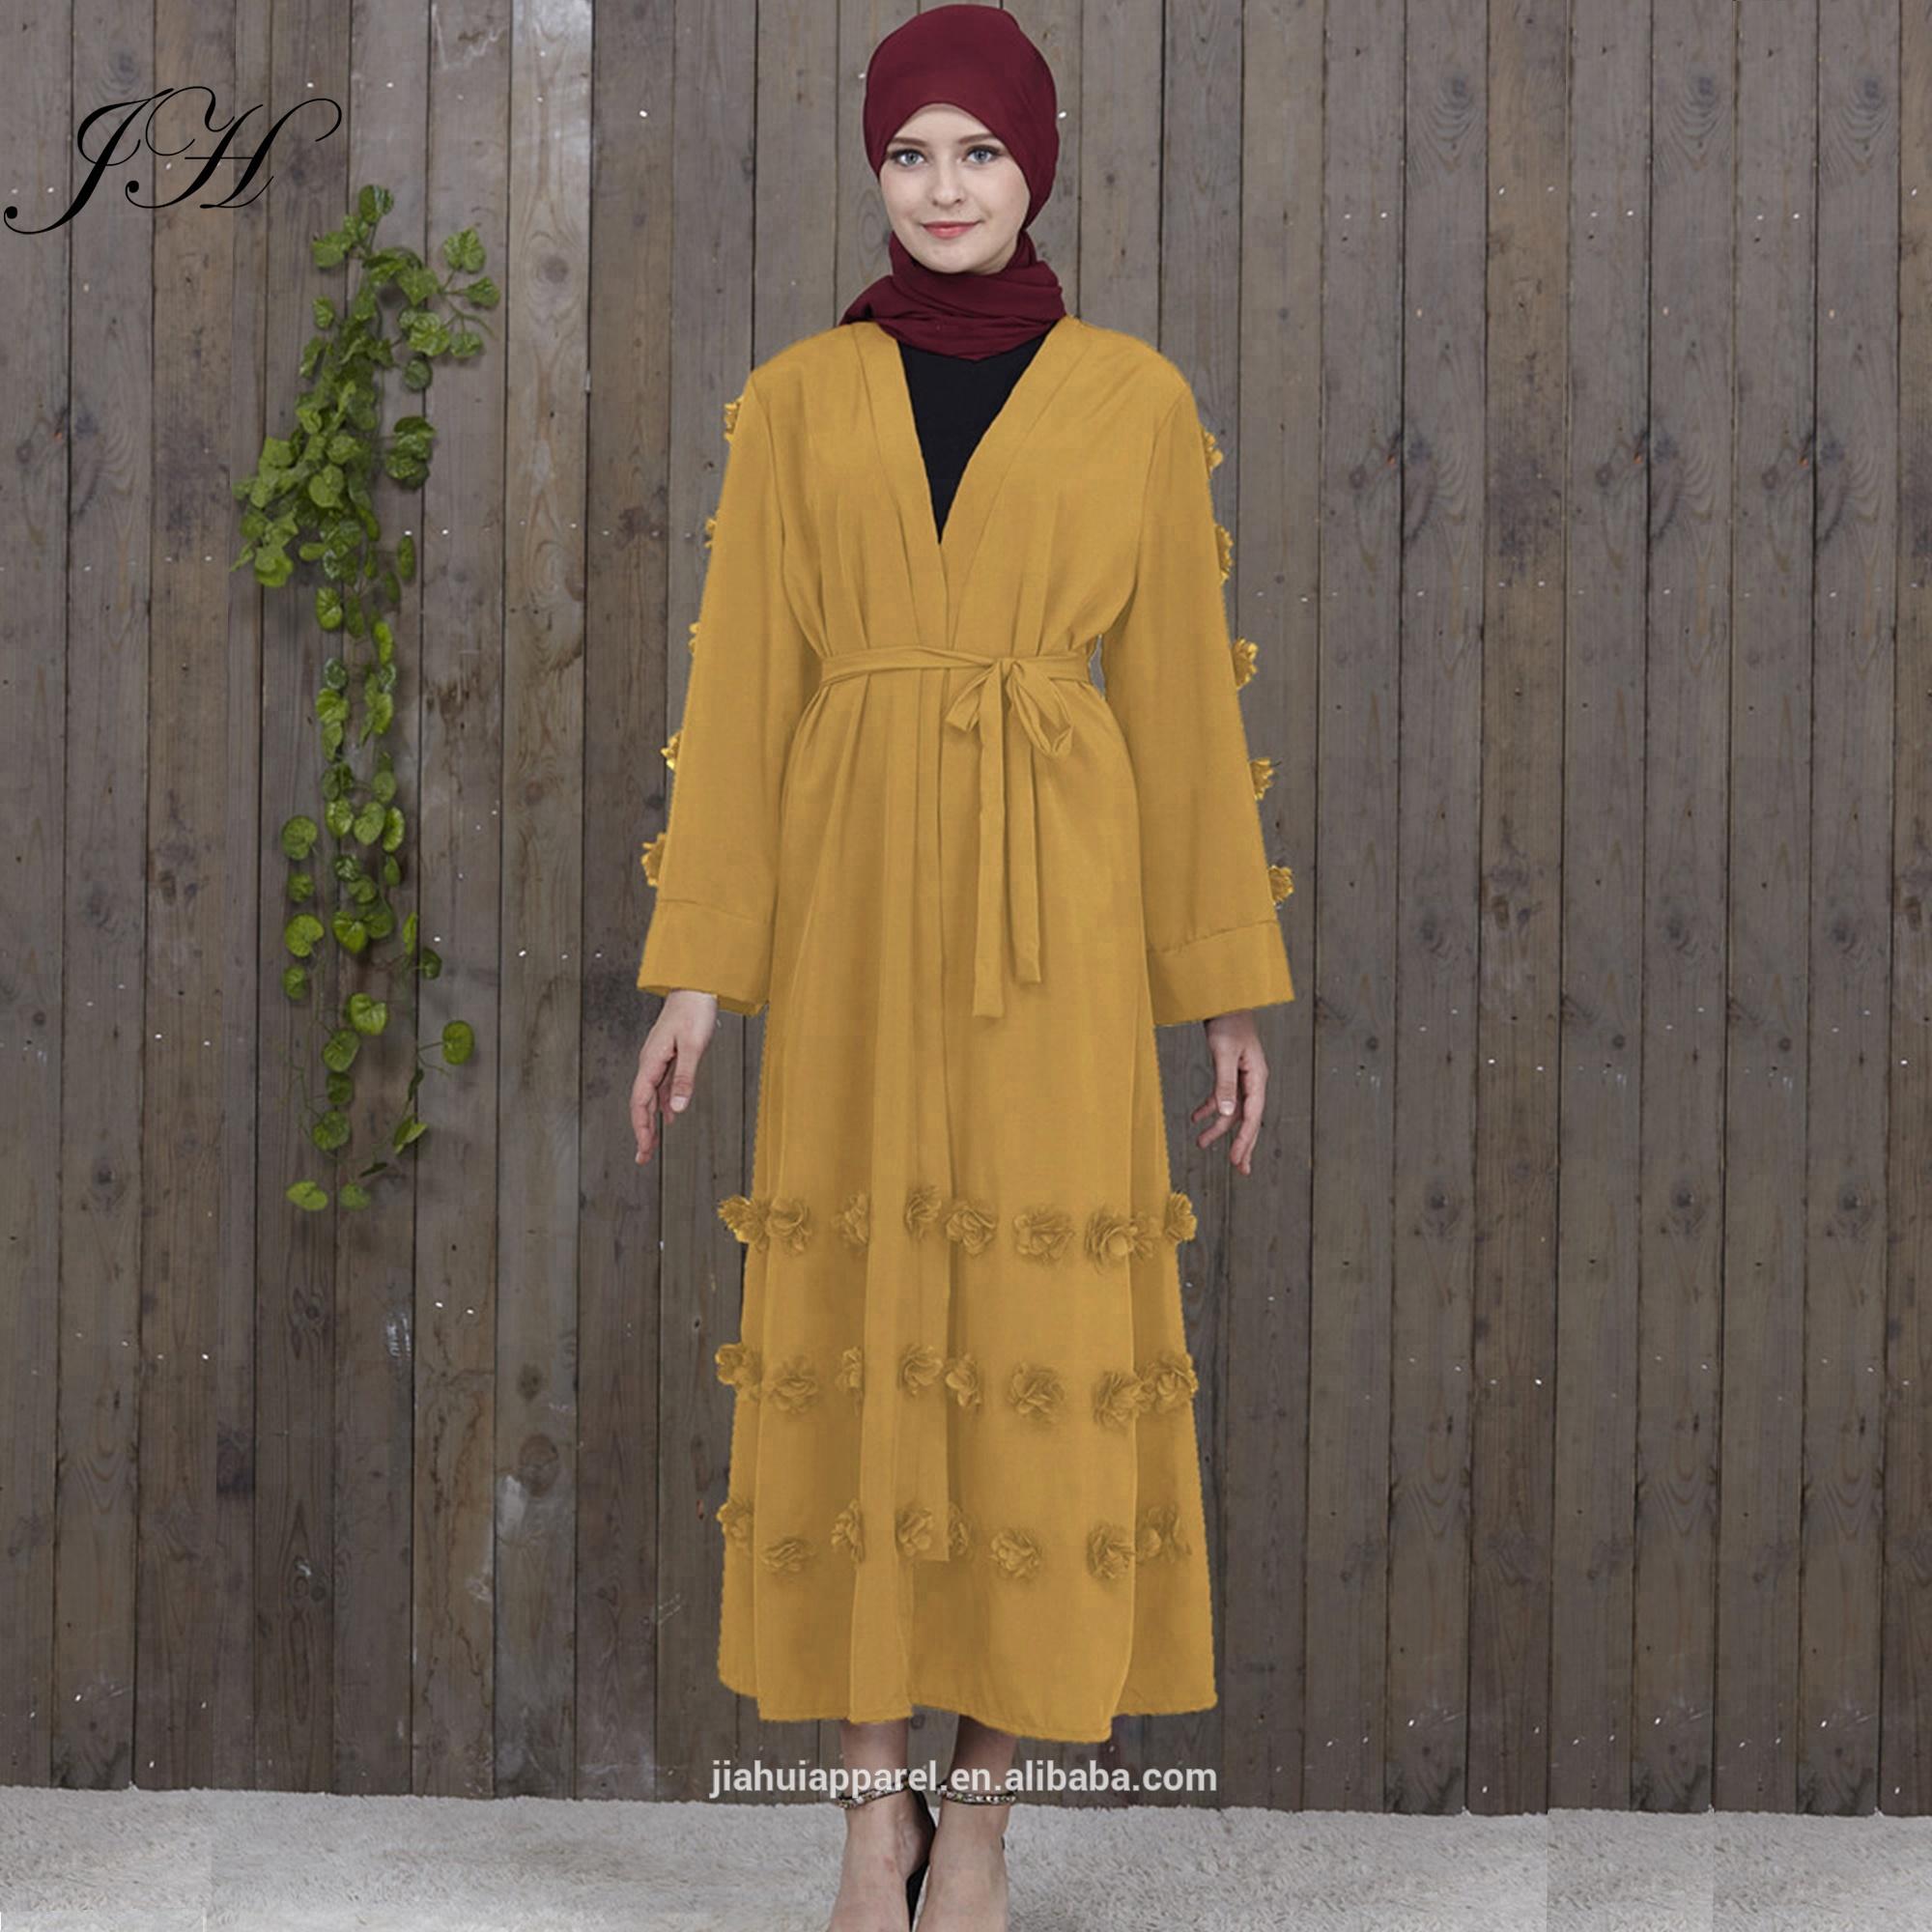 bac8d62a0ab1 Trova le migliori tunica marocchina Produttori e tunica marocchina per  italian Speaker Mercato in alibaba.com